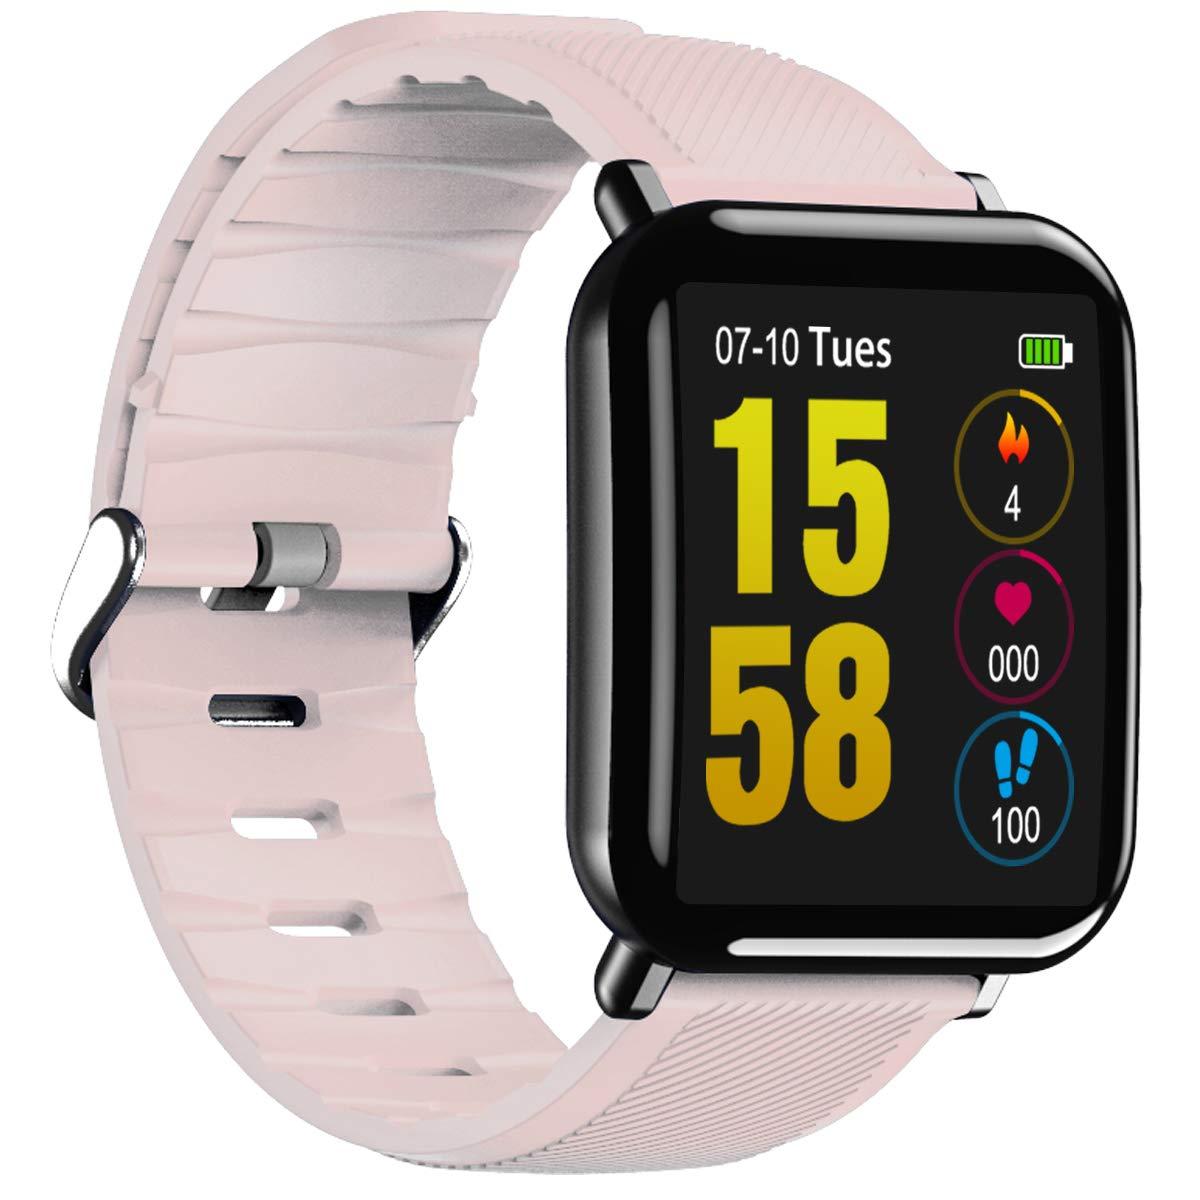 OUKITEL W2 - Inteligente Reloj Deportivo Unisex con Heart ...